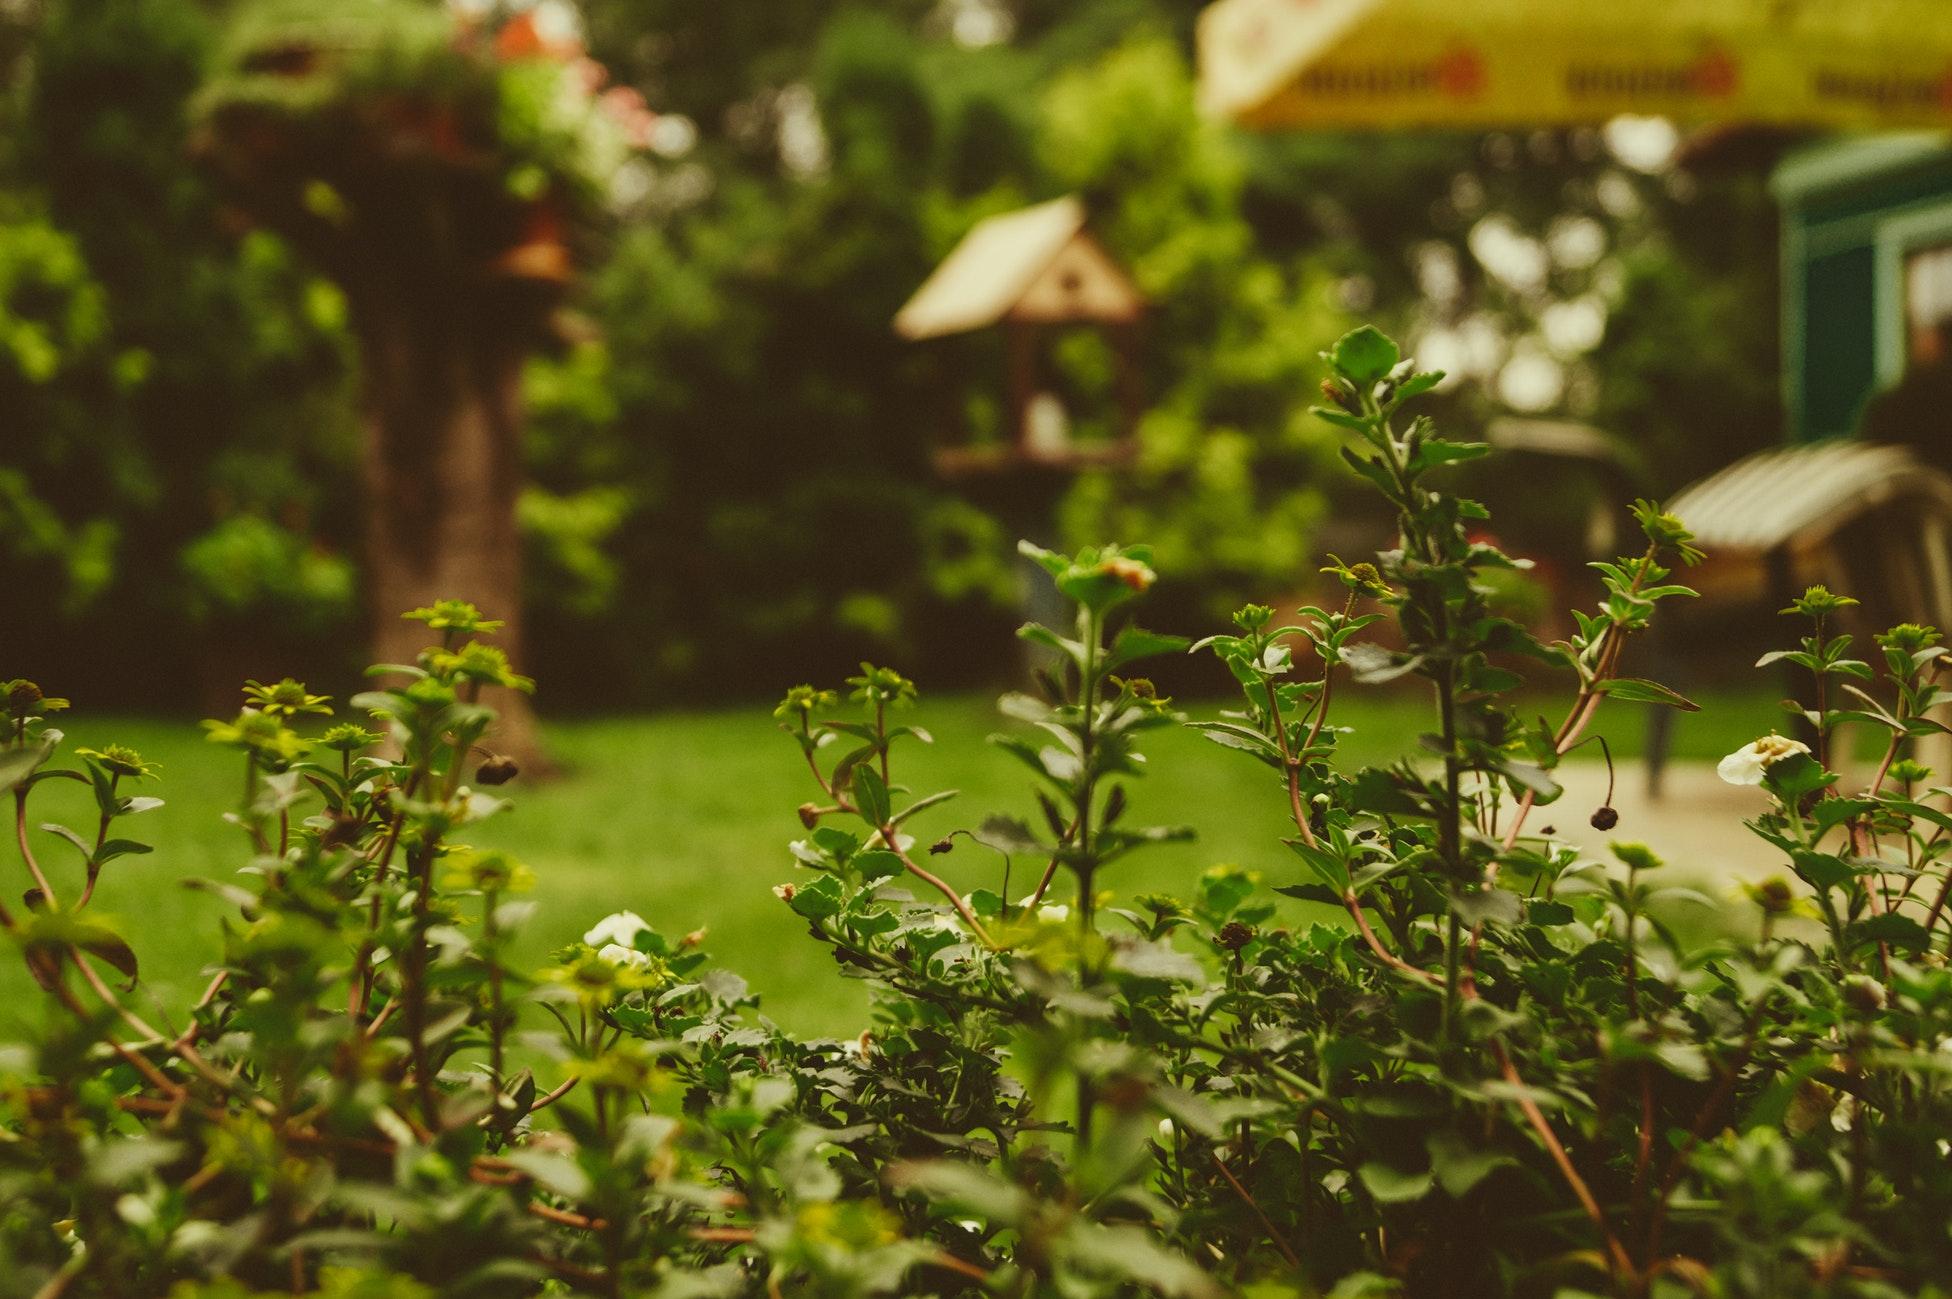 via Yepstr hittar du trädgårdshjälp enkelt och vitt